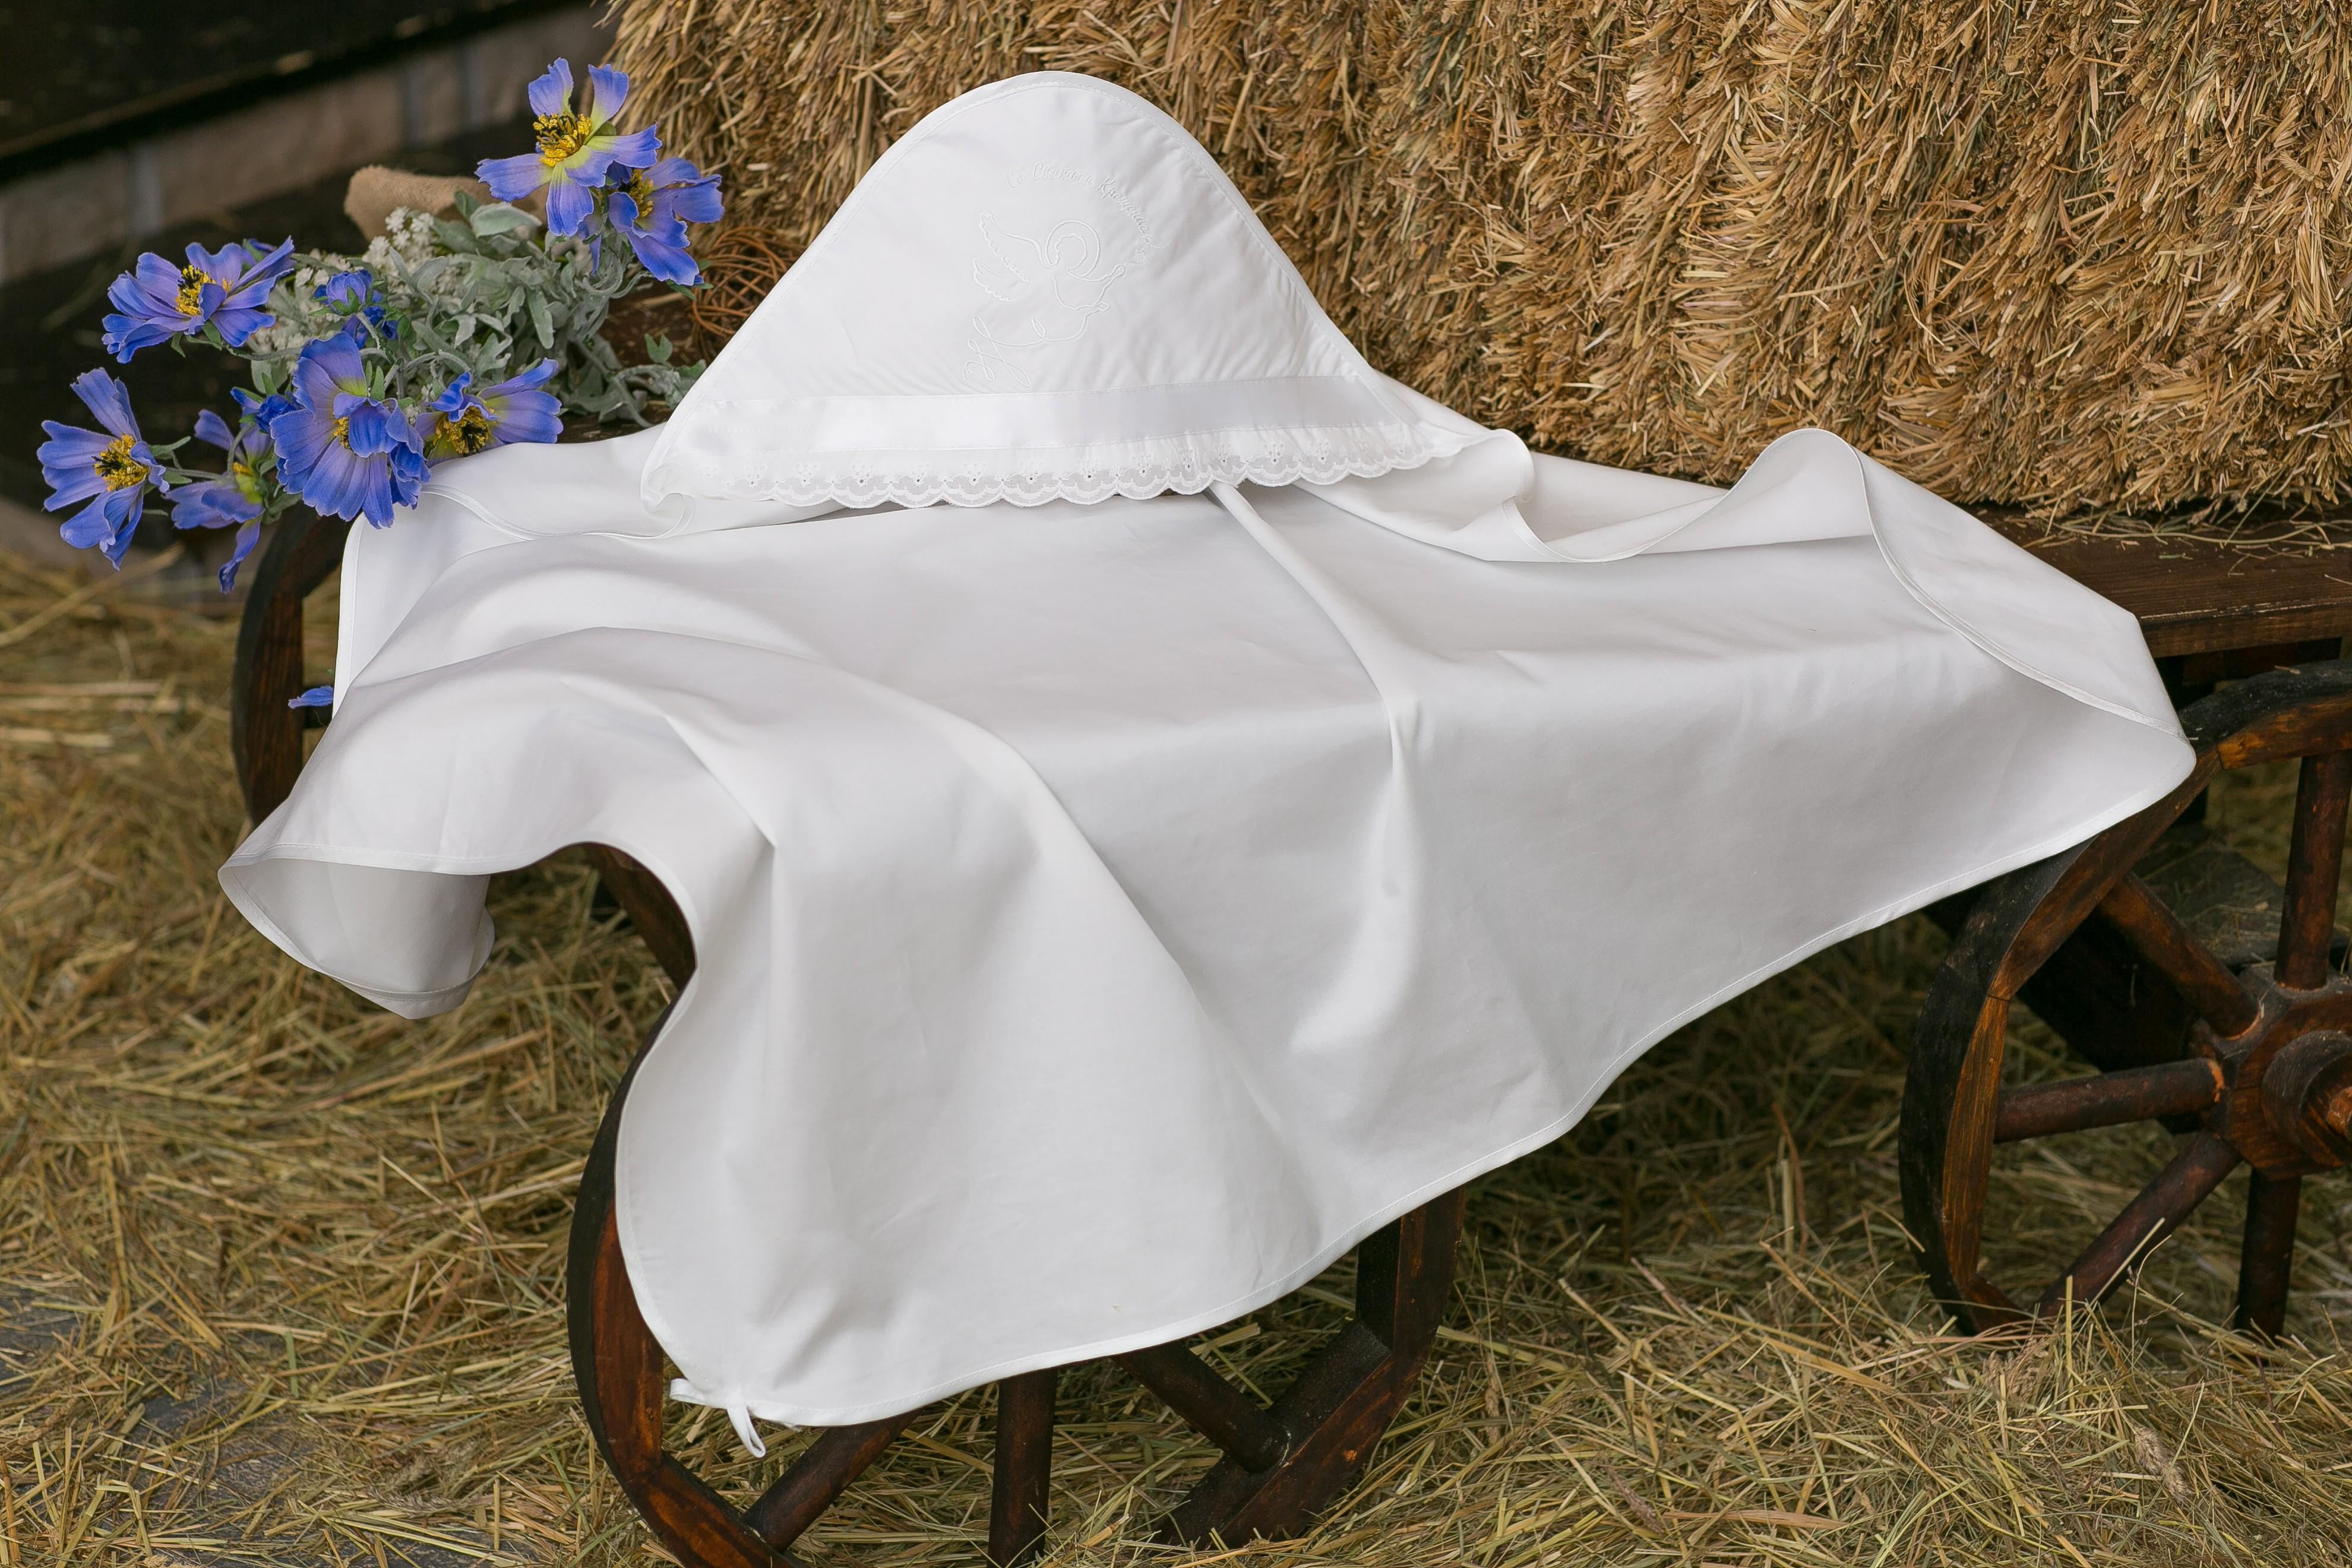 Крестильная пеленка Alivia Kids, 1281510900, белый, 90 х 90 см крестильная одежда alivia kids крестильное полотенце с крестом 130х70 12 701